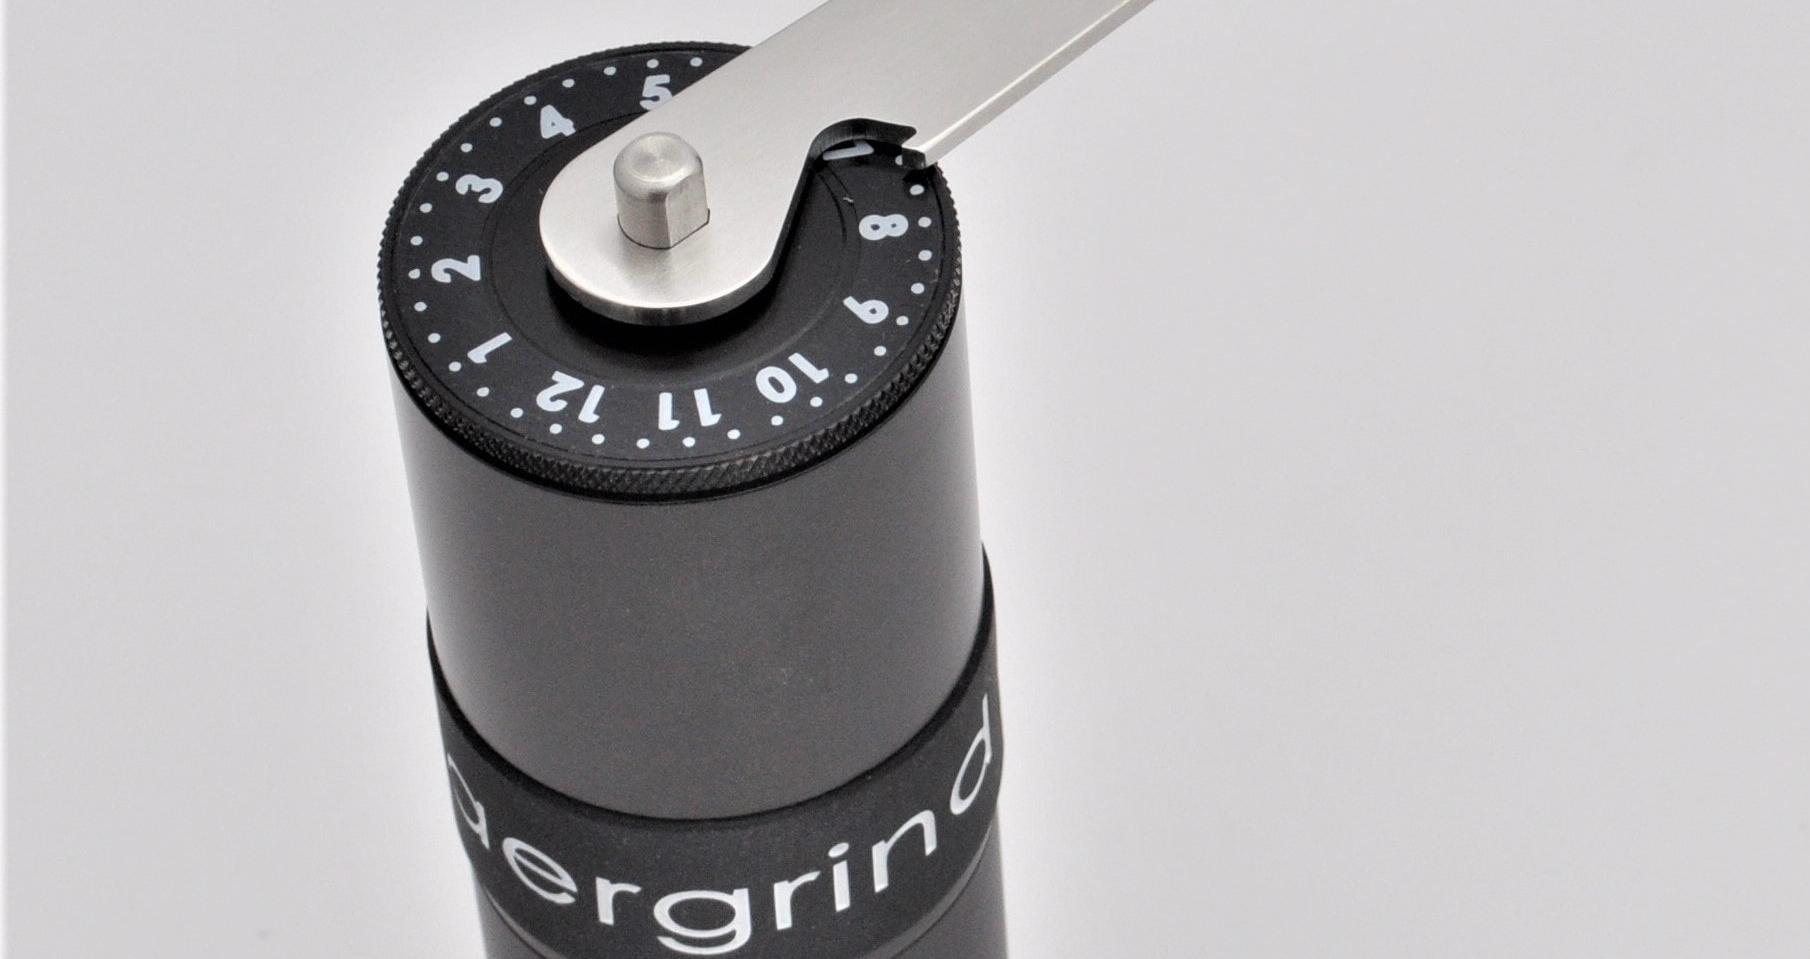 aergrind coffee grinder